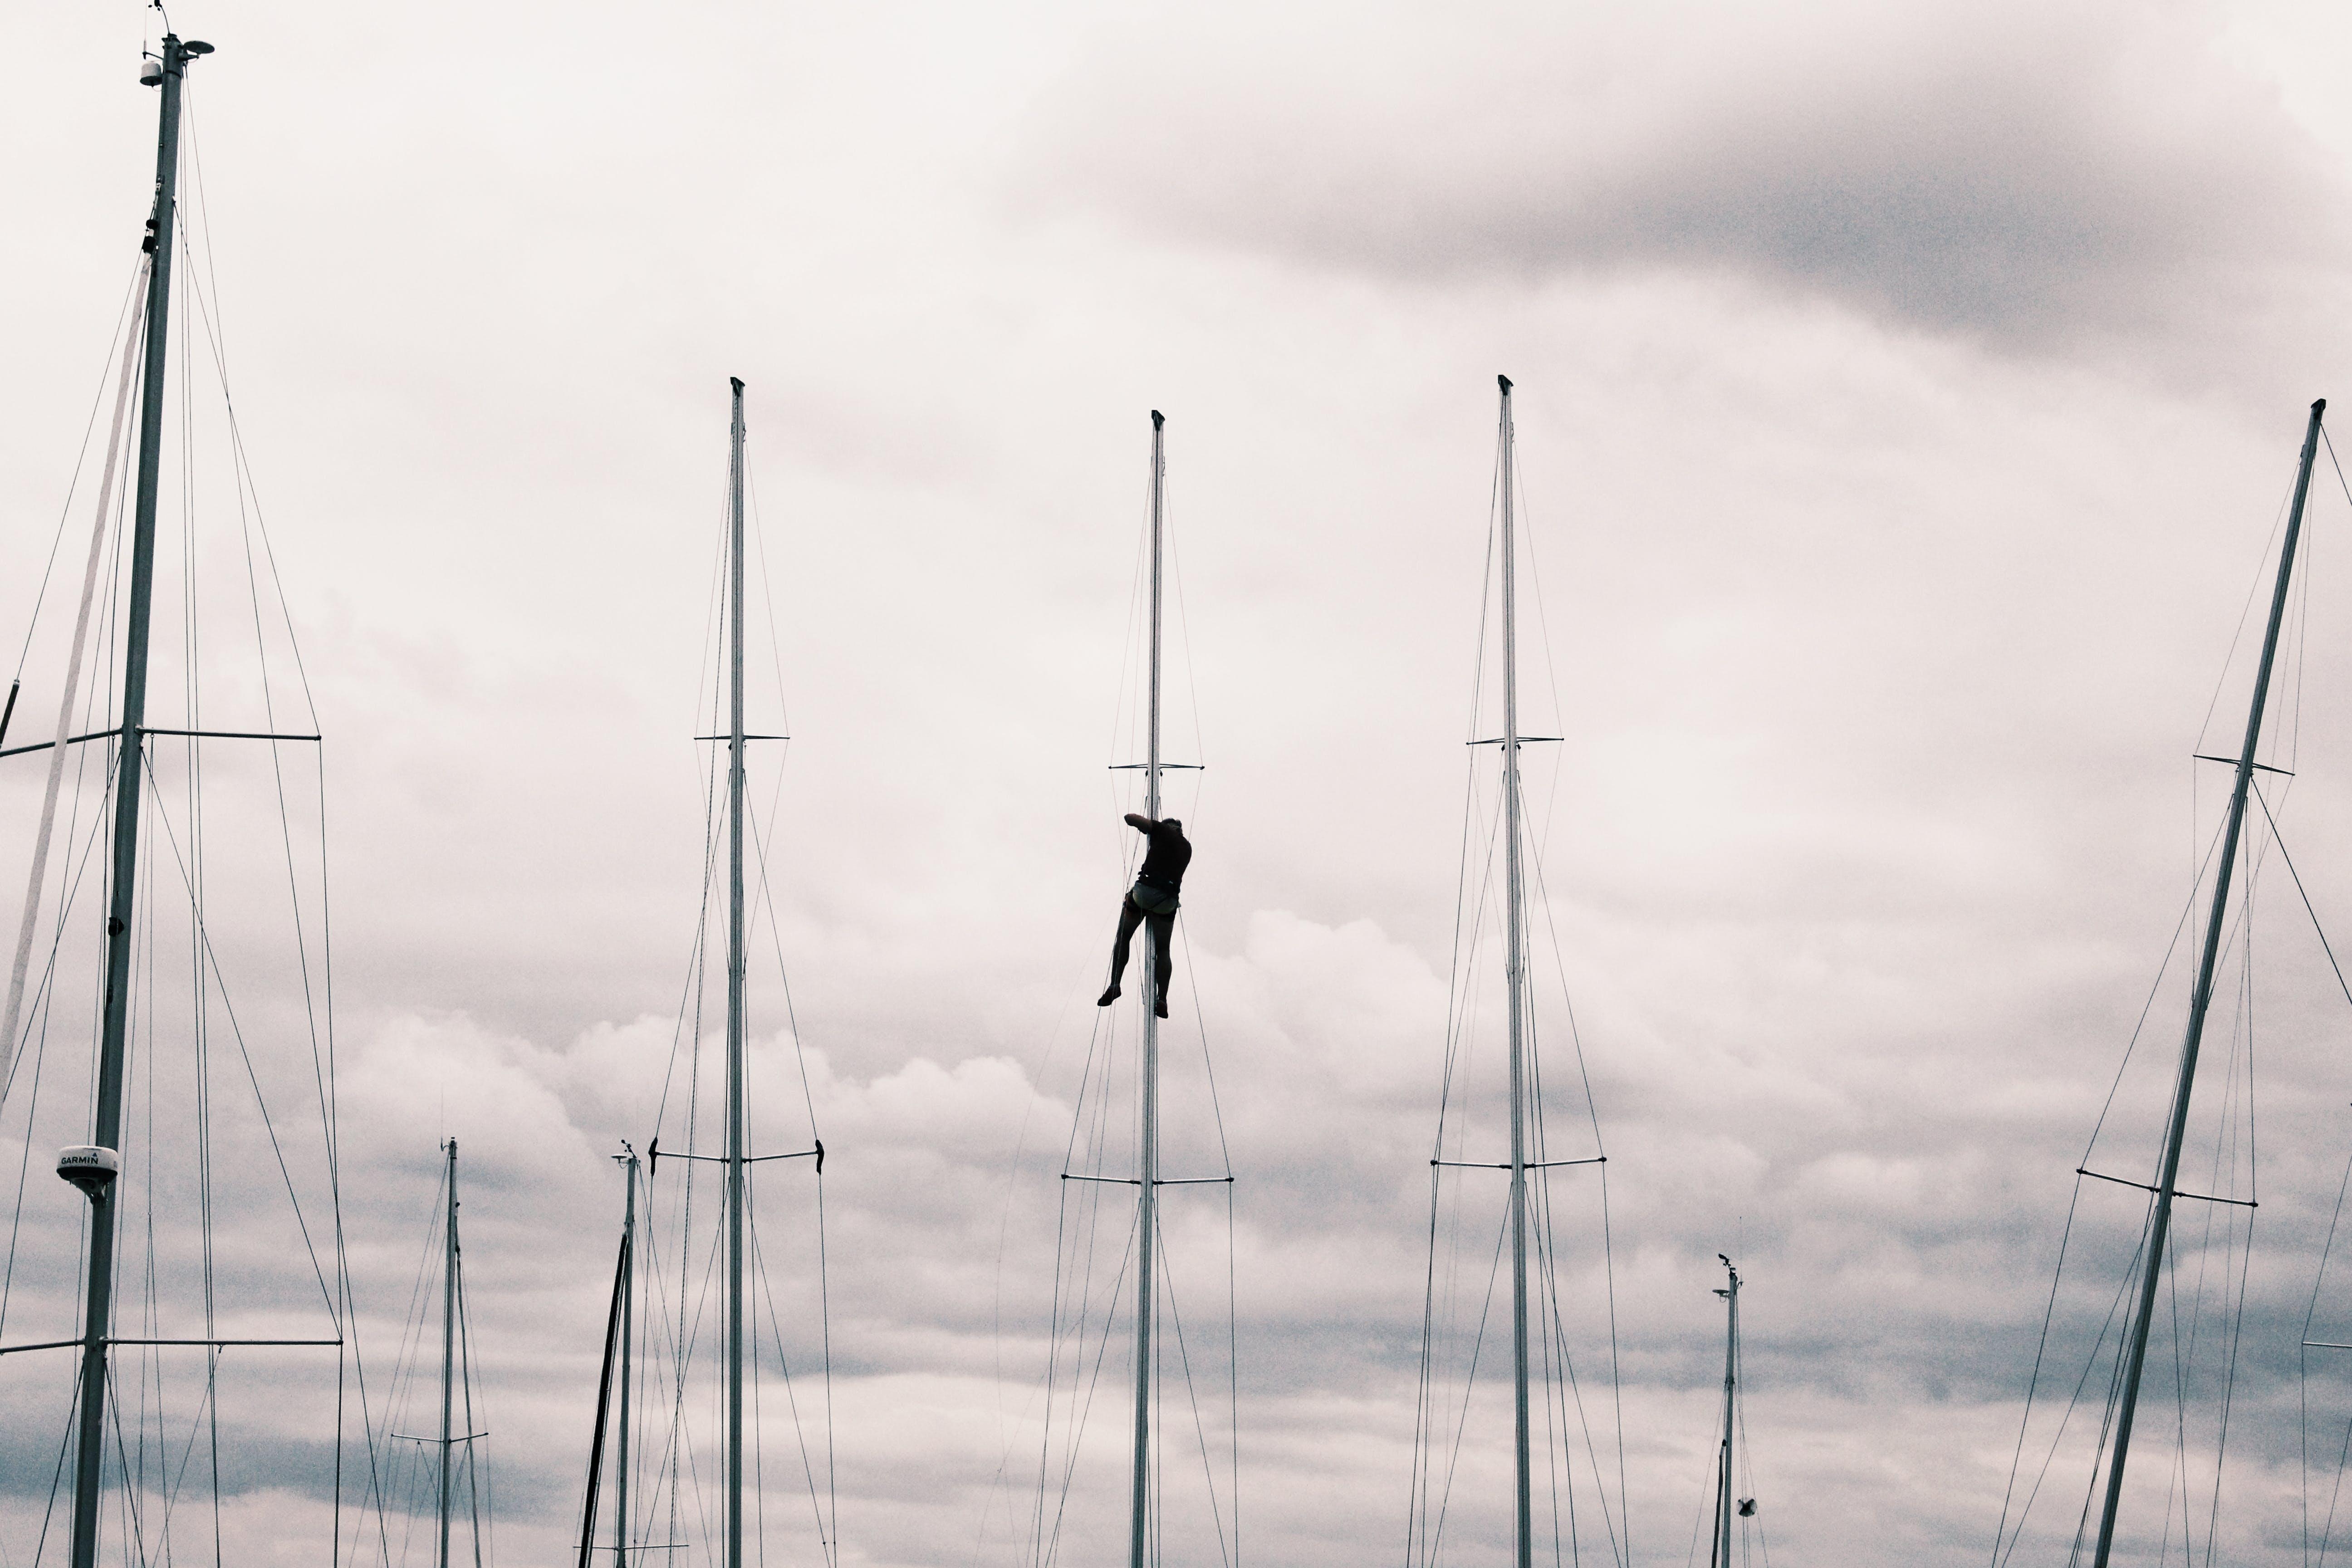 交通系統, 人, 天空, 帆 的 免费素材照片